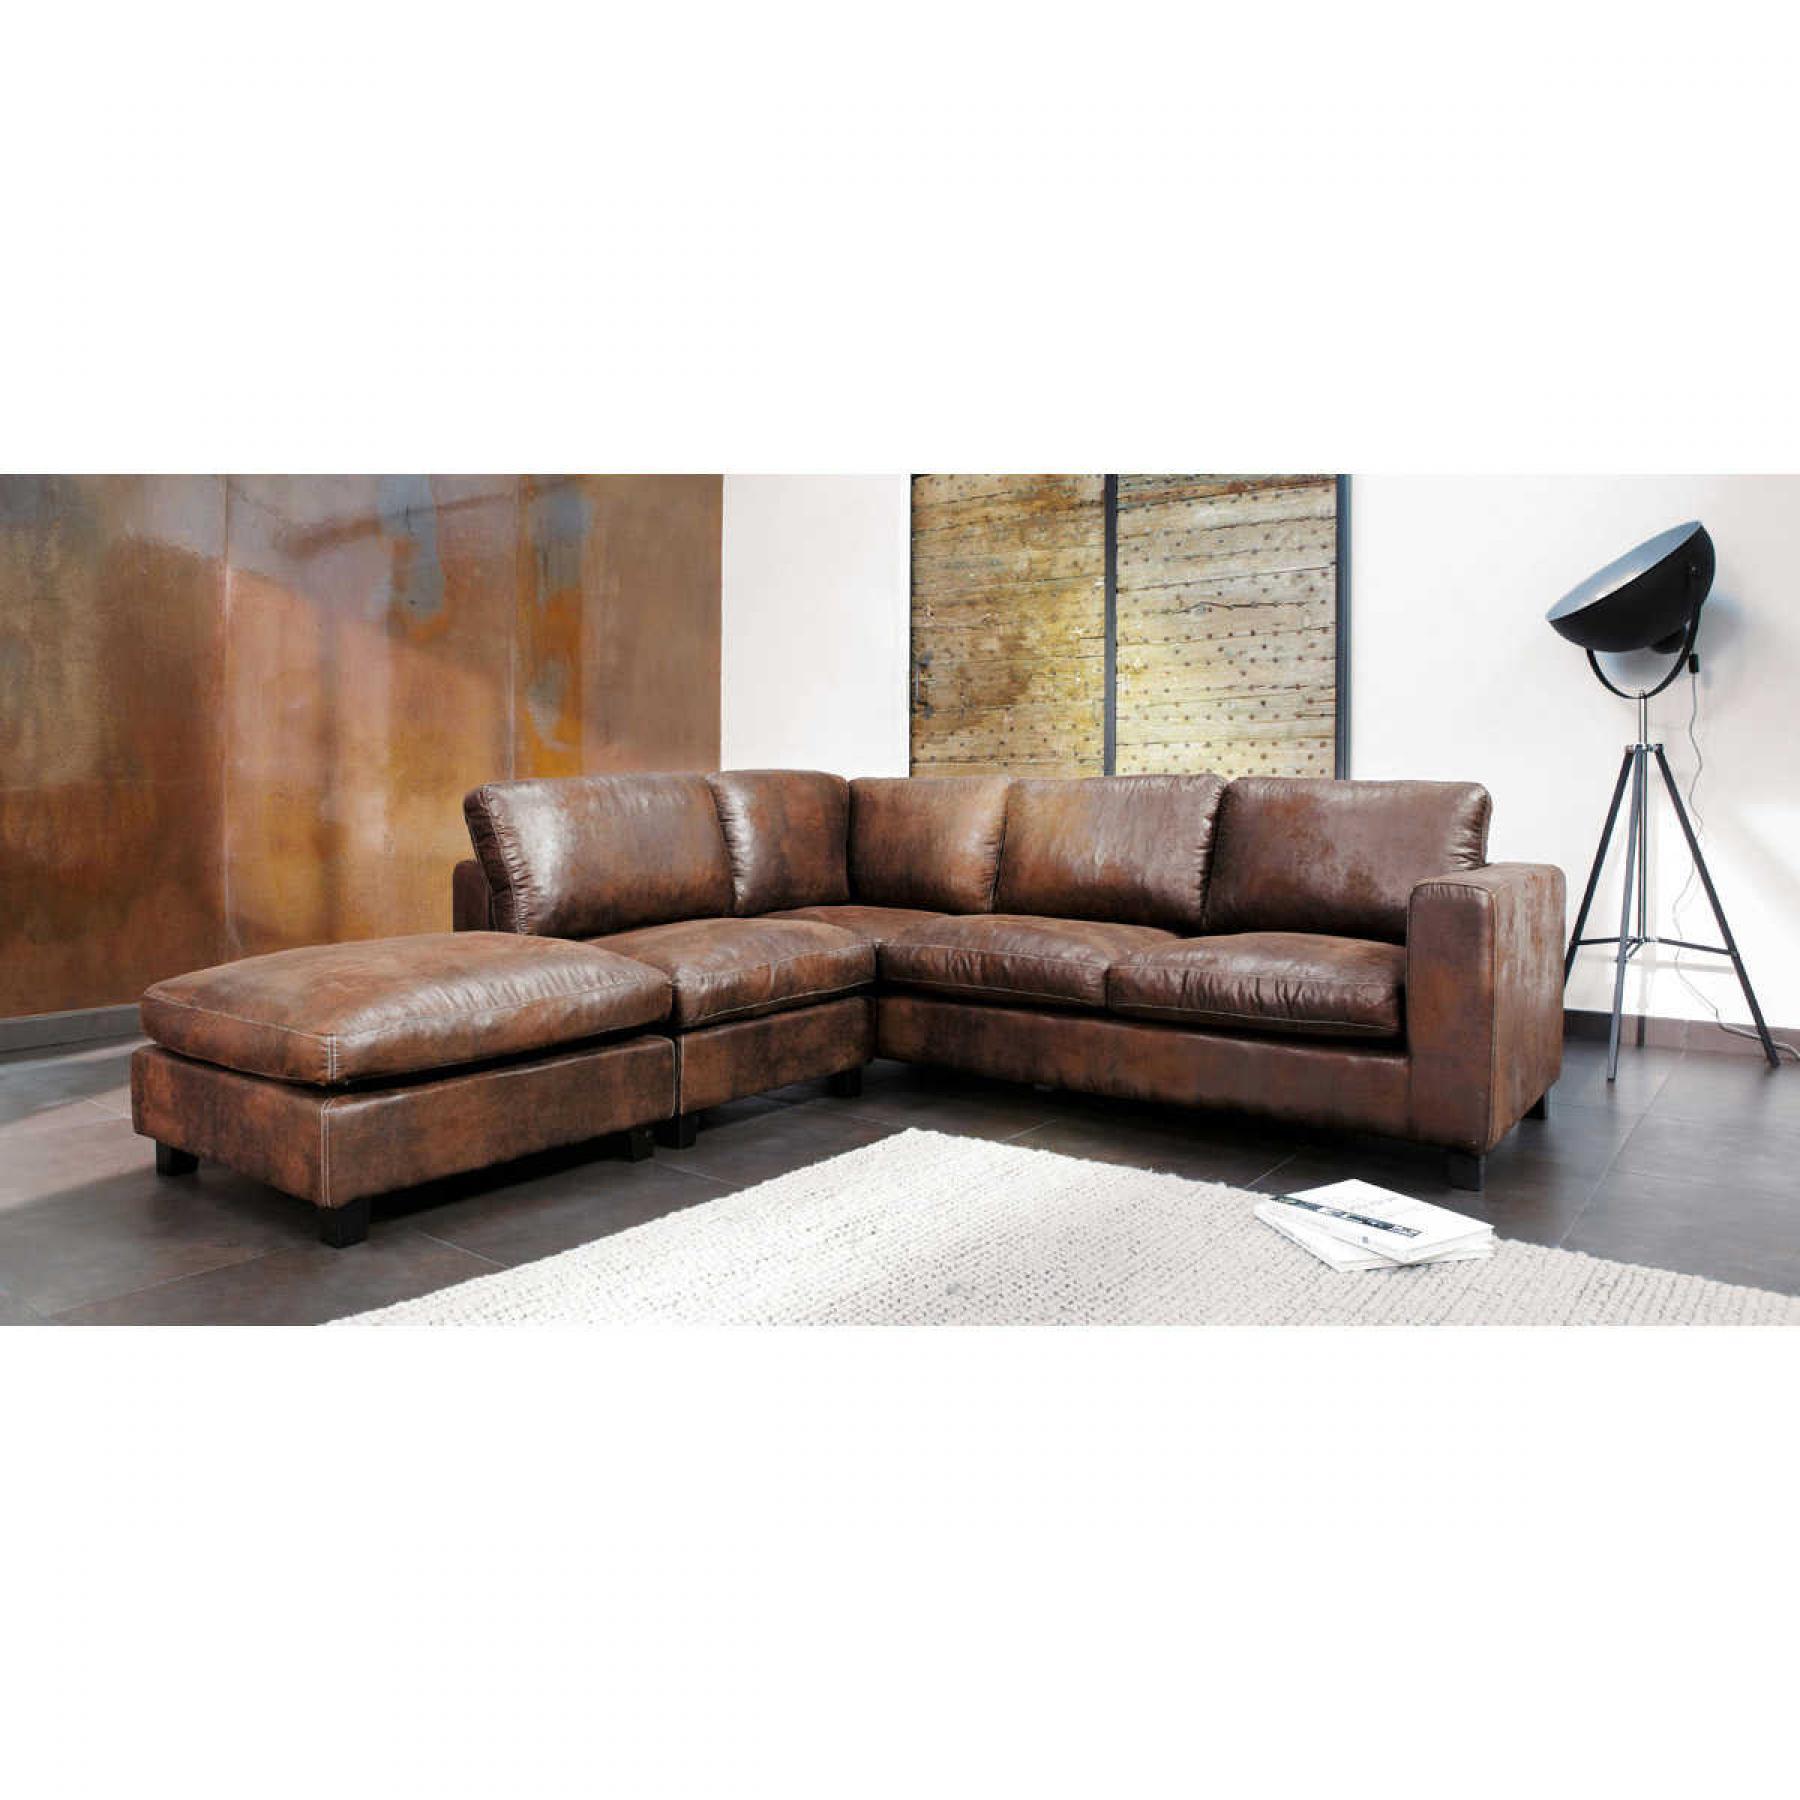 Canapé d'angle vintage gris